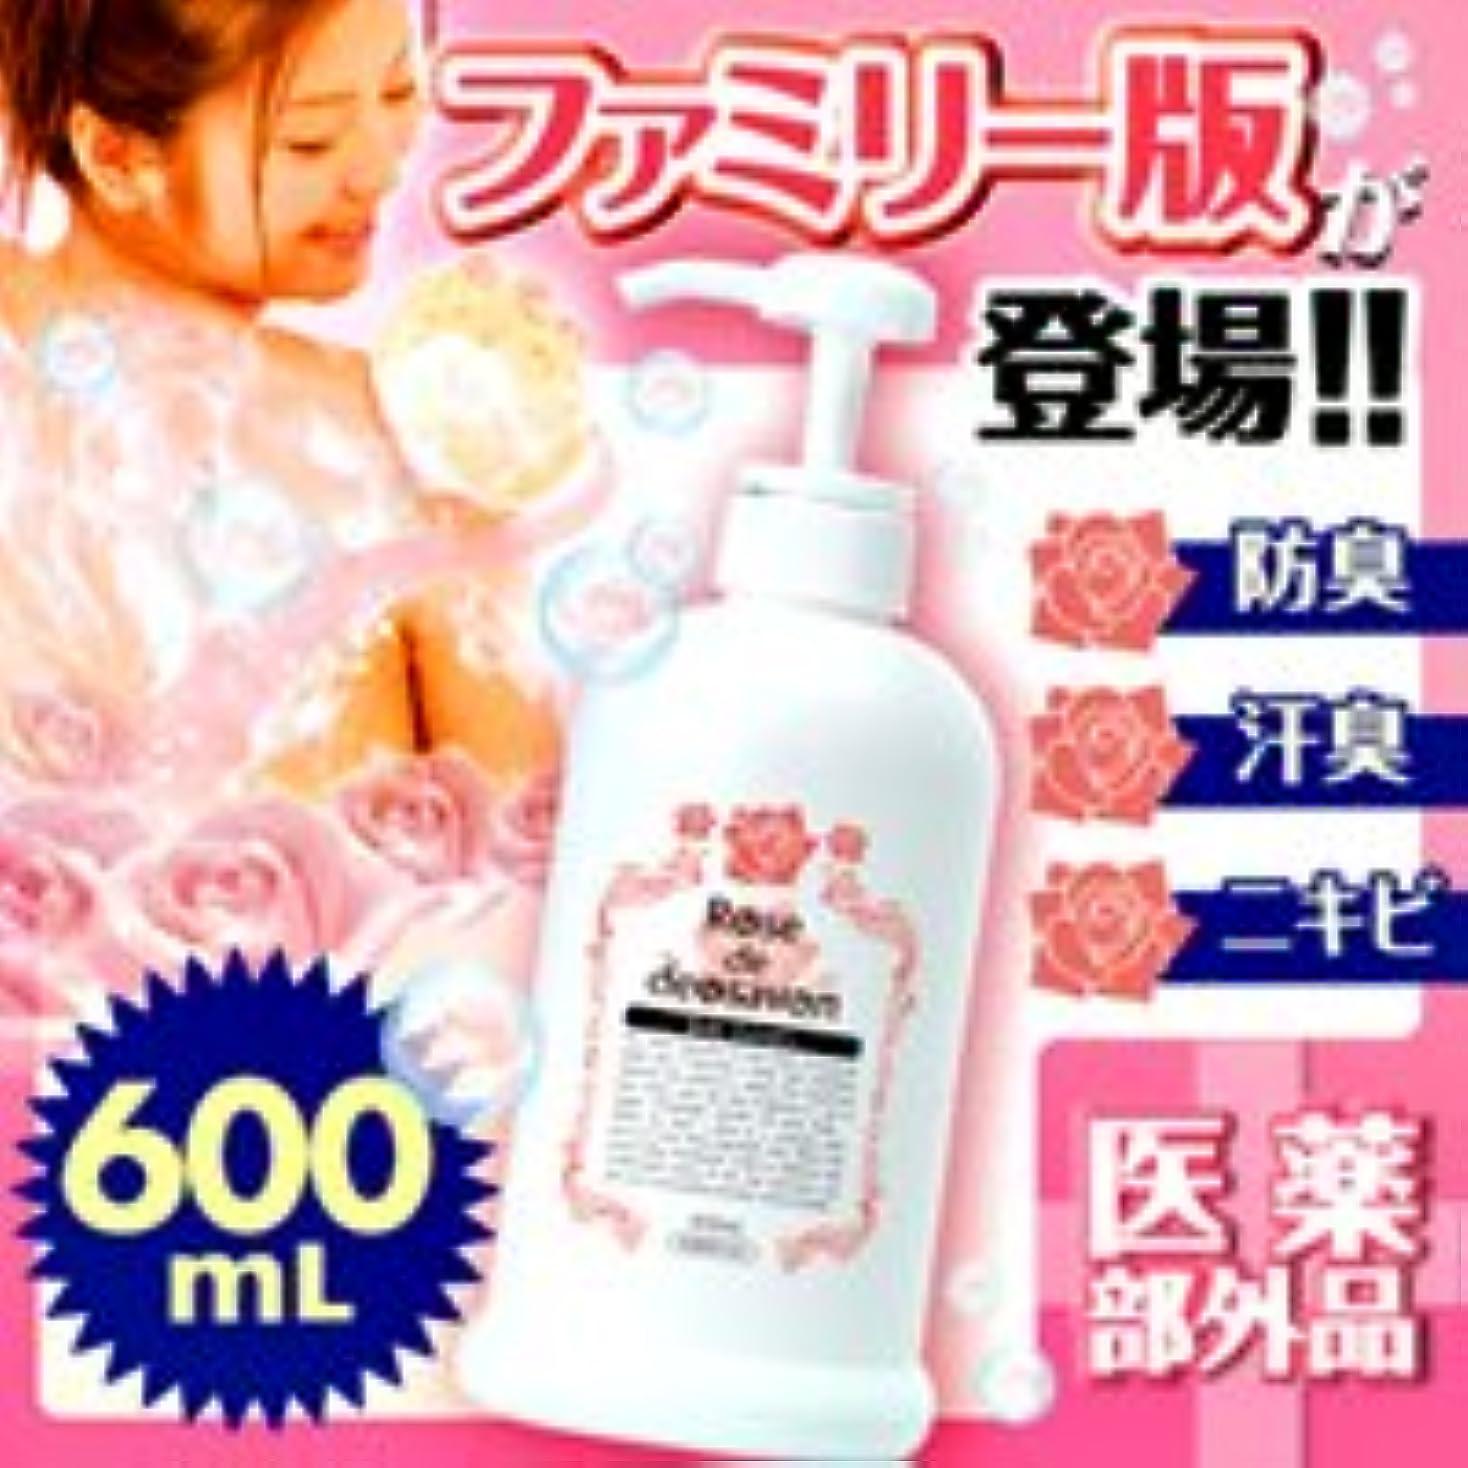 無力粒子弾丸ローズドデオシャボン 増量版600ml ※体臭や加齢臭対策に大人気!ファミリー版新登場です!